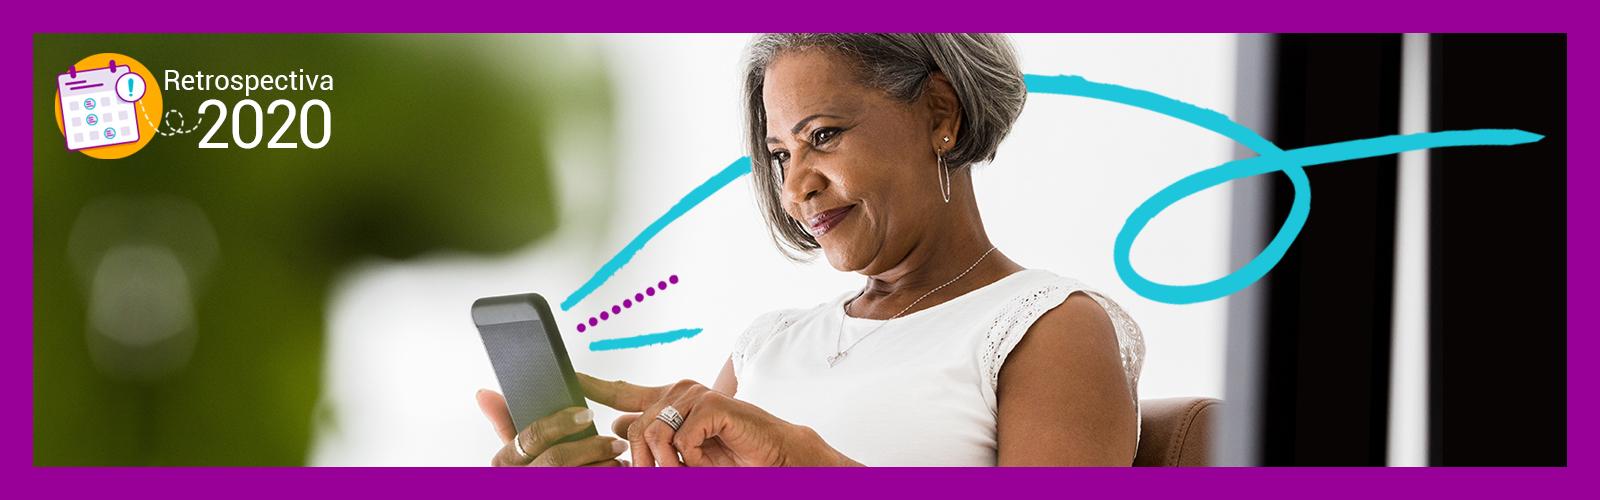 Imagem mostra uma senhora segurando um celular e olhando para a tela.